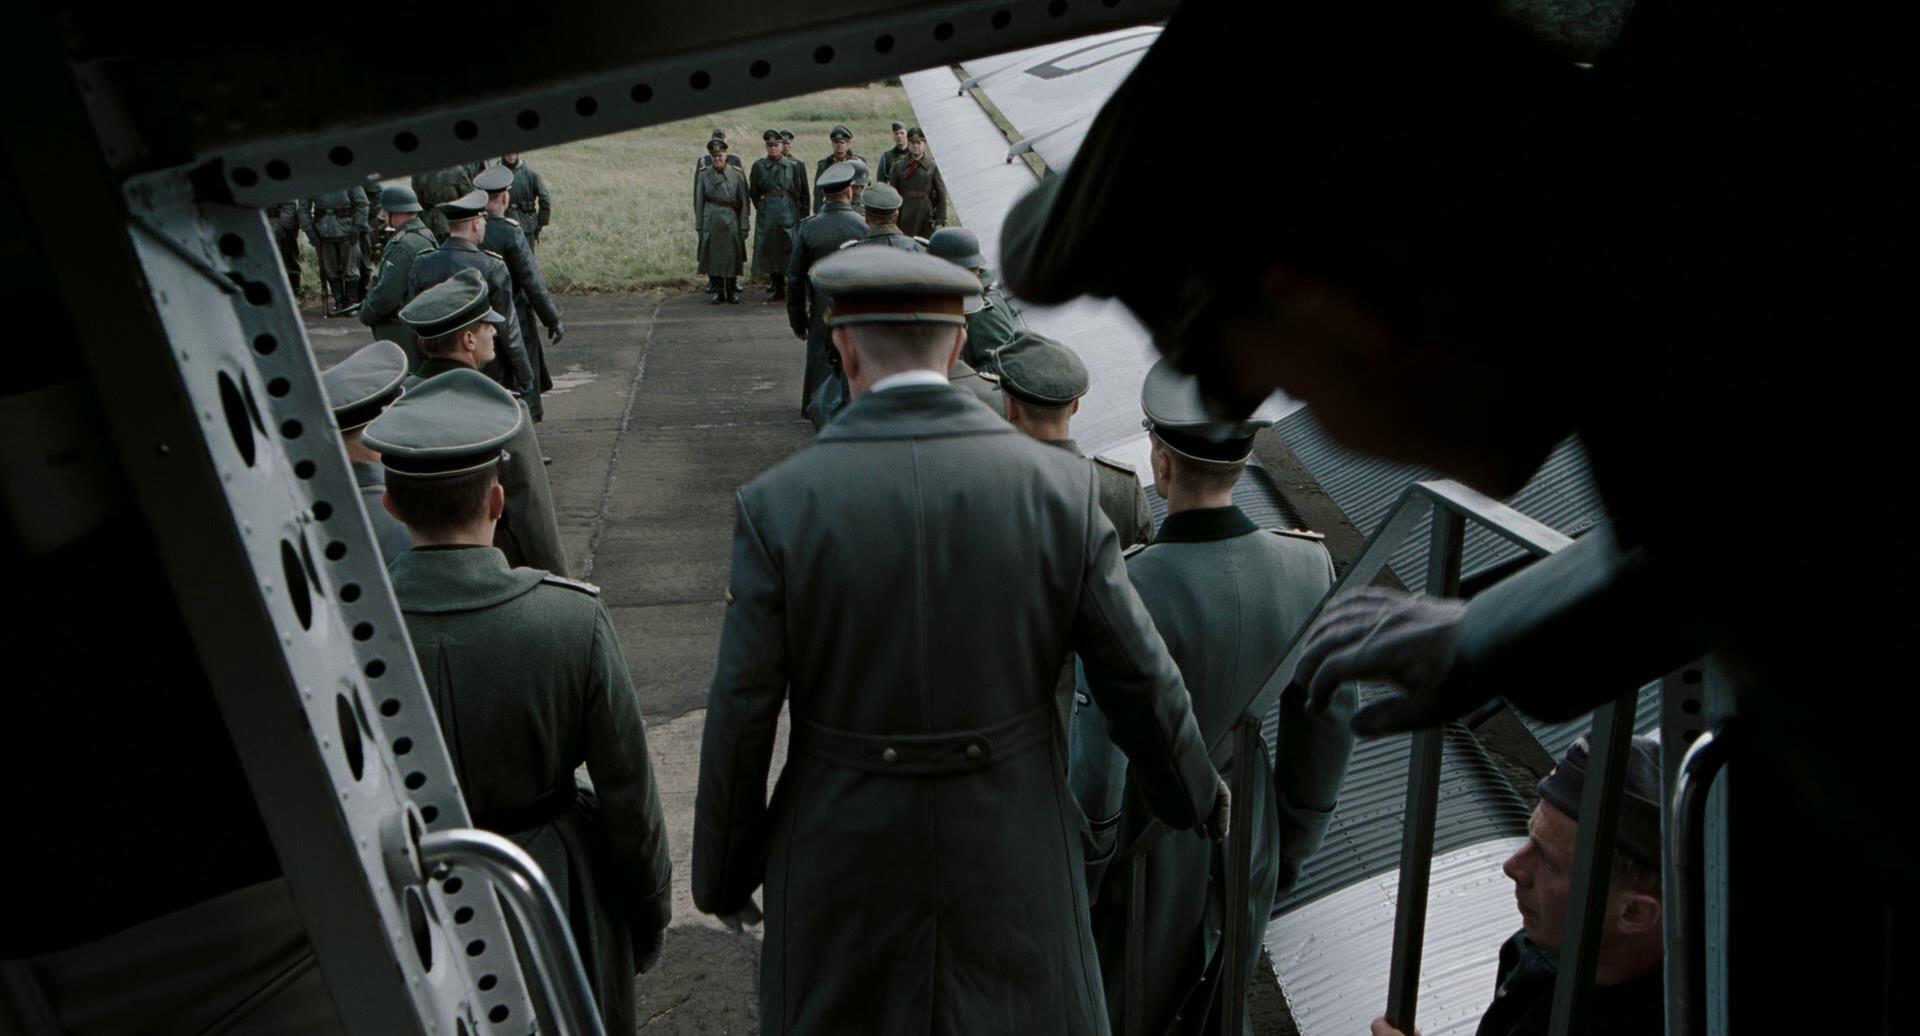 Watch Valkyrie (2008) Full Movie Online Free - 123Movie